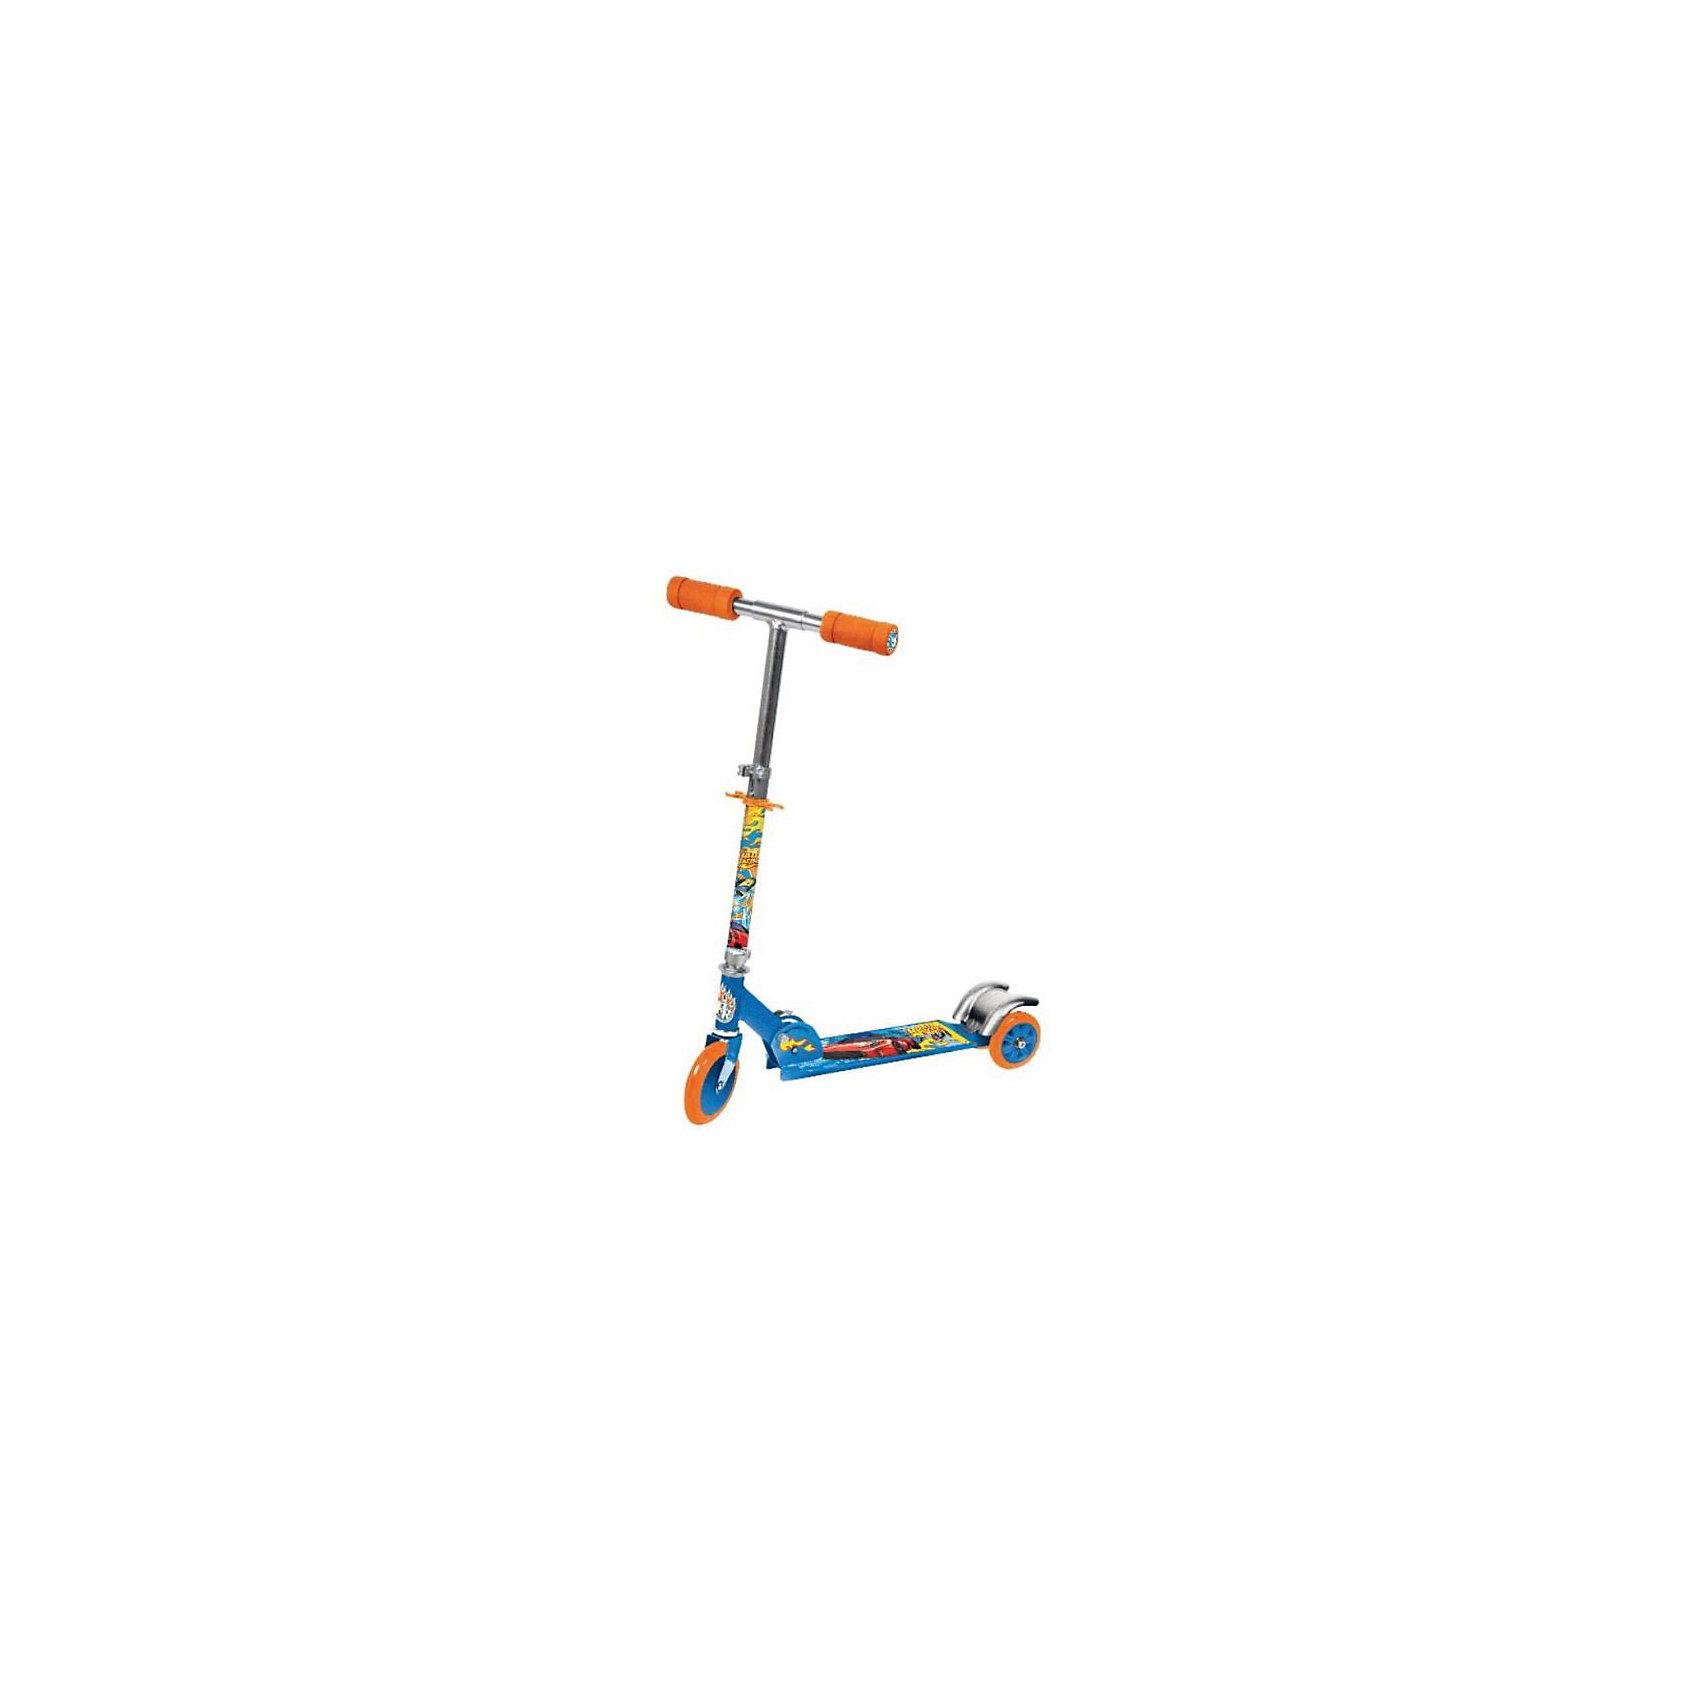 Трехколесный самокат Road Racing, Next, голубойСамокаты<br>Характеристики товара:<br><br>• цвет: голубой<br>• принт: Road Racing<br>• механизм: складной<br>• высококачественные полиуретановые pu колеса: 120 мм<br>• усиленная платформа с противоскользящей поверхностью, 34х9,5 см<br>• высокоточный подшипник abec-5<br>• 3 положения высоты руля<br>• материал: алюминий, полипропилен<br>• мягкие резиновые ручки<br>• тормоз заднего колеса<br>• максимальная нагрузка - 50 кг<br>• вес: 2830гр.<br>• размер: 33х67х83 см<br>• возраст: от 3 лет<br><br>Трехколесный самокат Road Racing, Next, голубой можно приобрести в нашем интернет-магазине.<br><br>Ширина мм: 330<br>Глубина мм: 670<br>Высота мм: 830<br>Вес г: 2830<br>Возраст от месяцев: 36<br>Возраст до месяцев: 96<br>Пол: Мужской<br>Возраст: Детский<br>SKU: 5528125